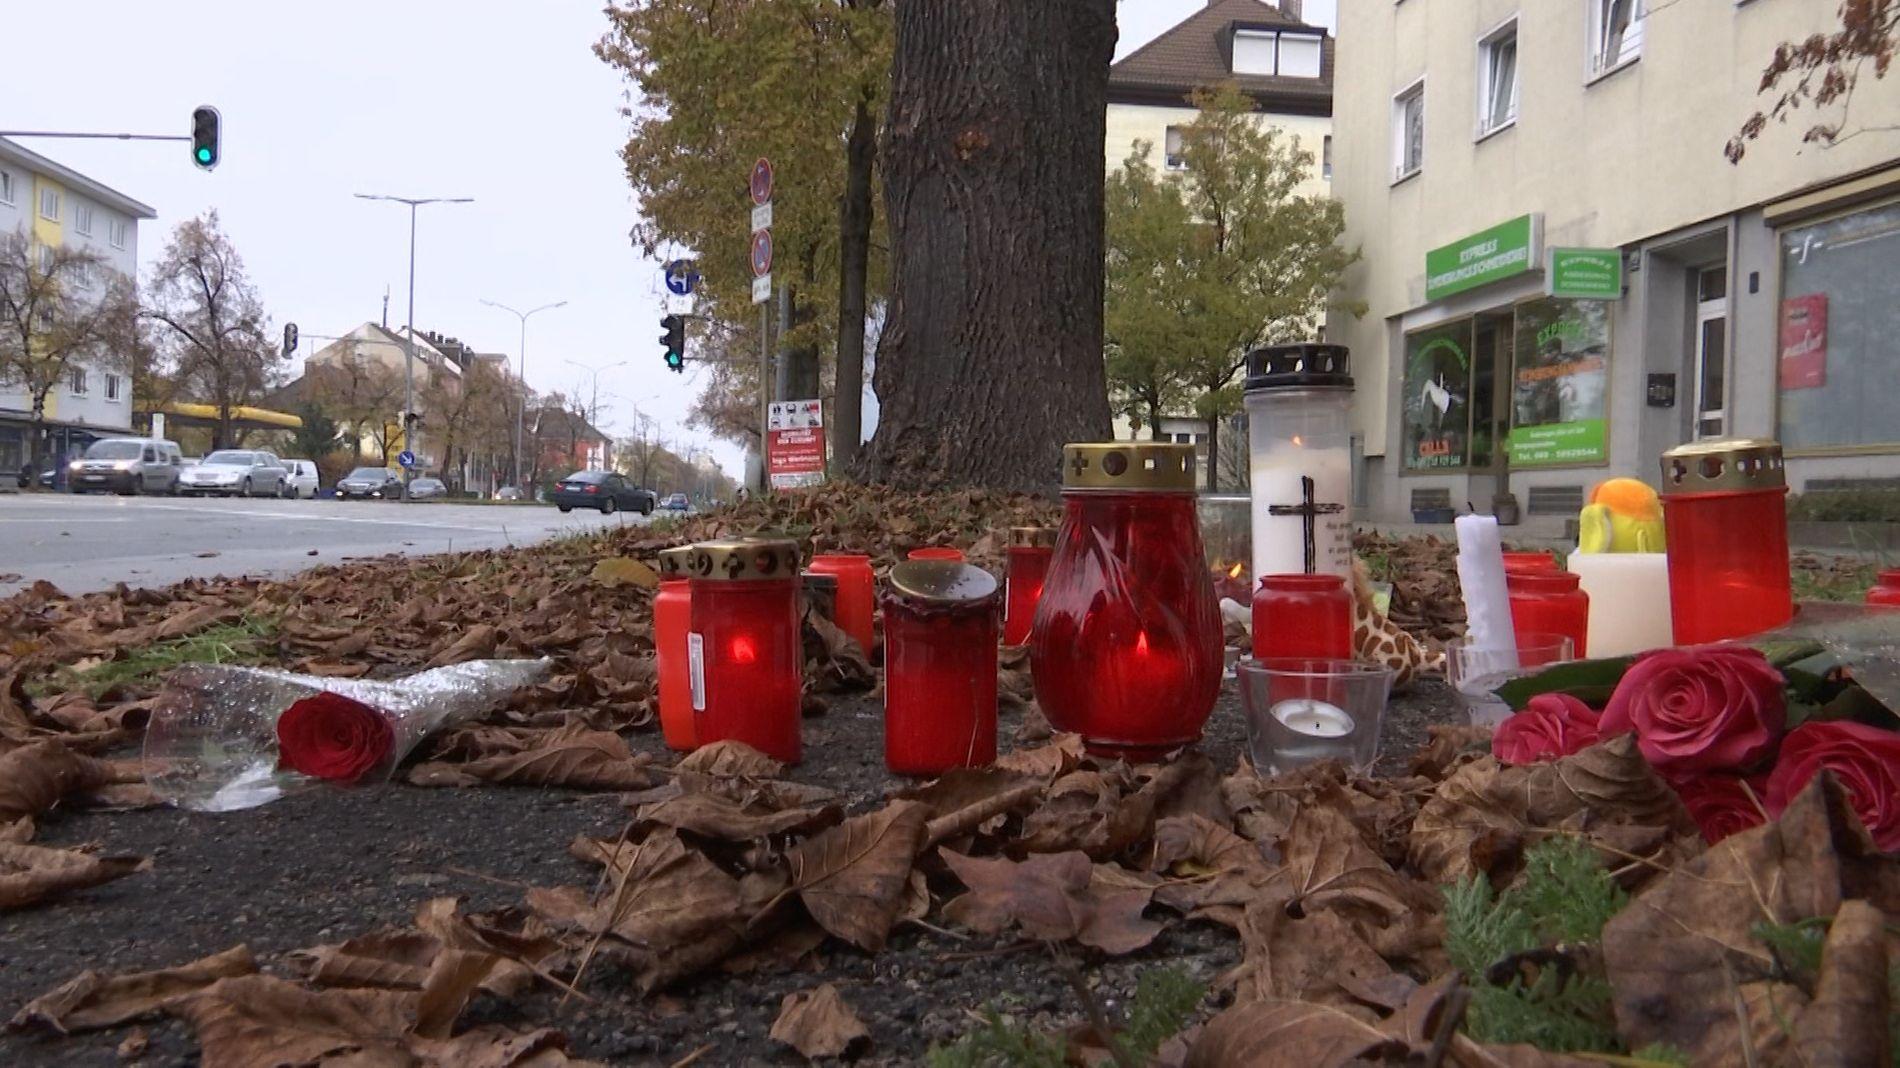 Raserunfall: Trauer nach dem Tod eines 14-Jährigen.